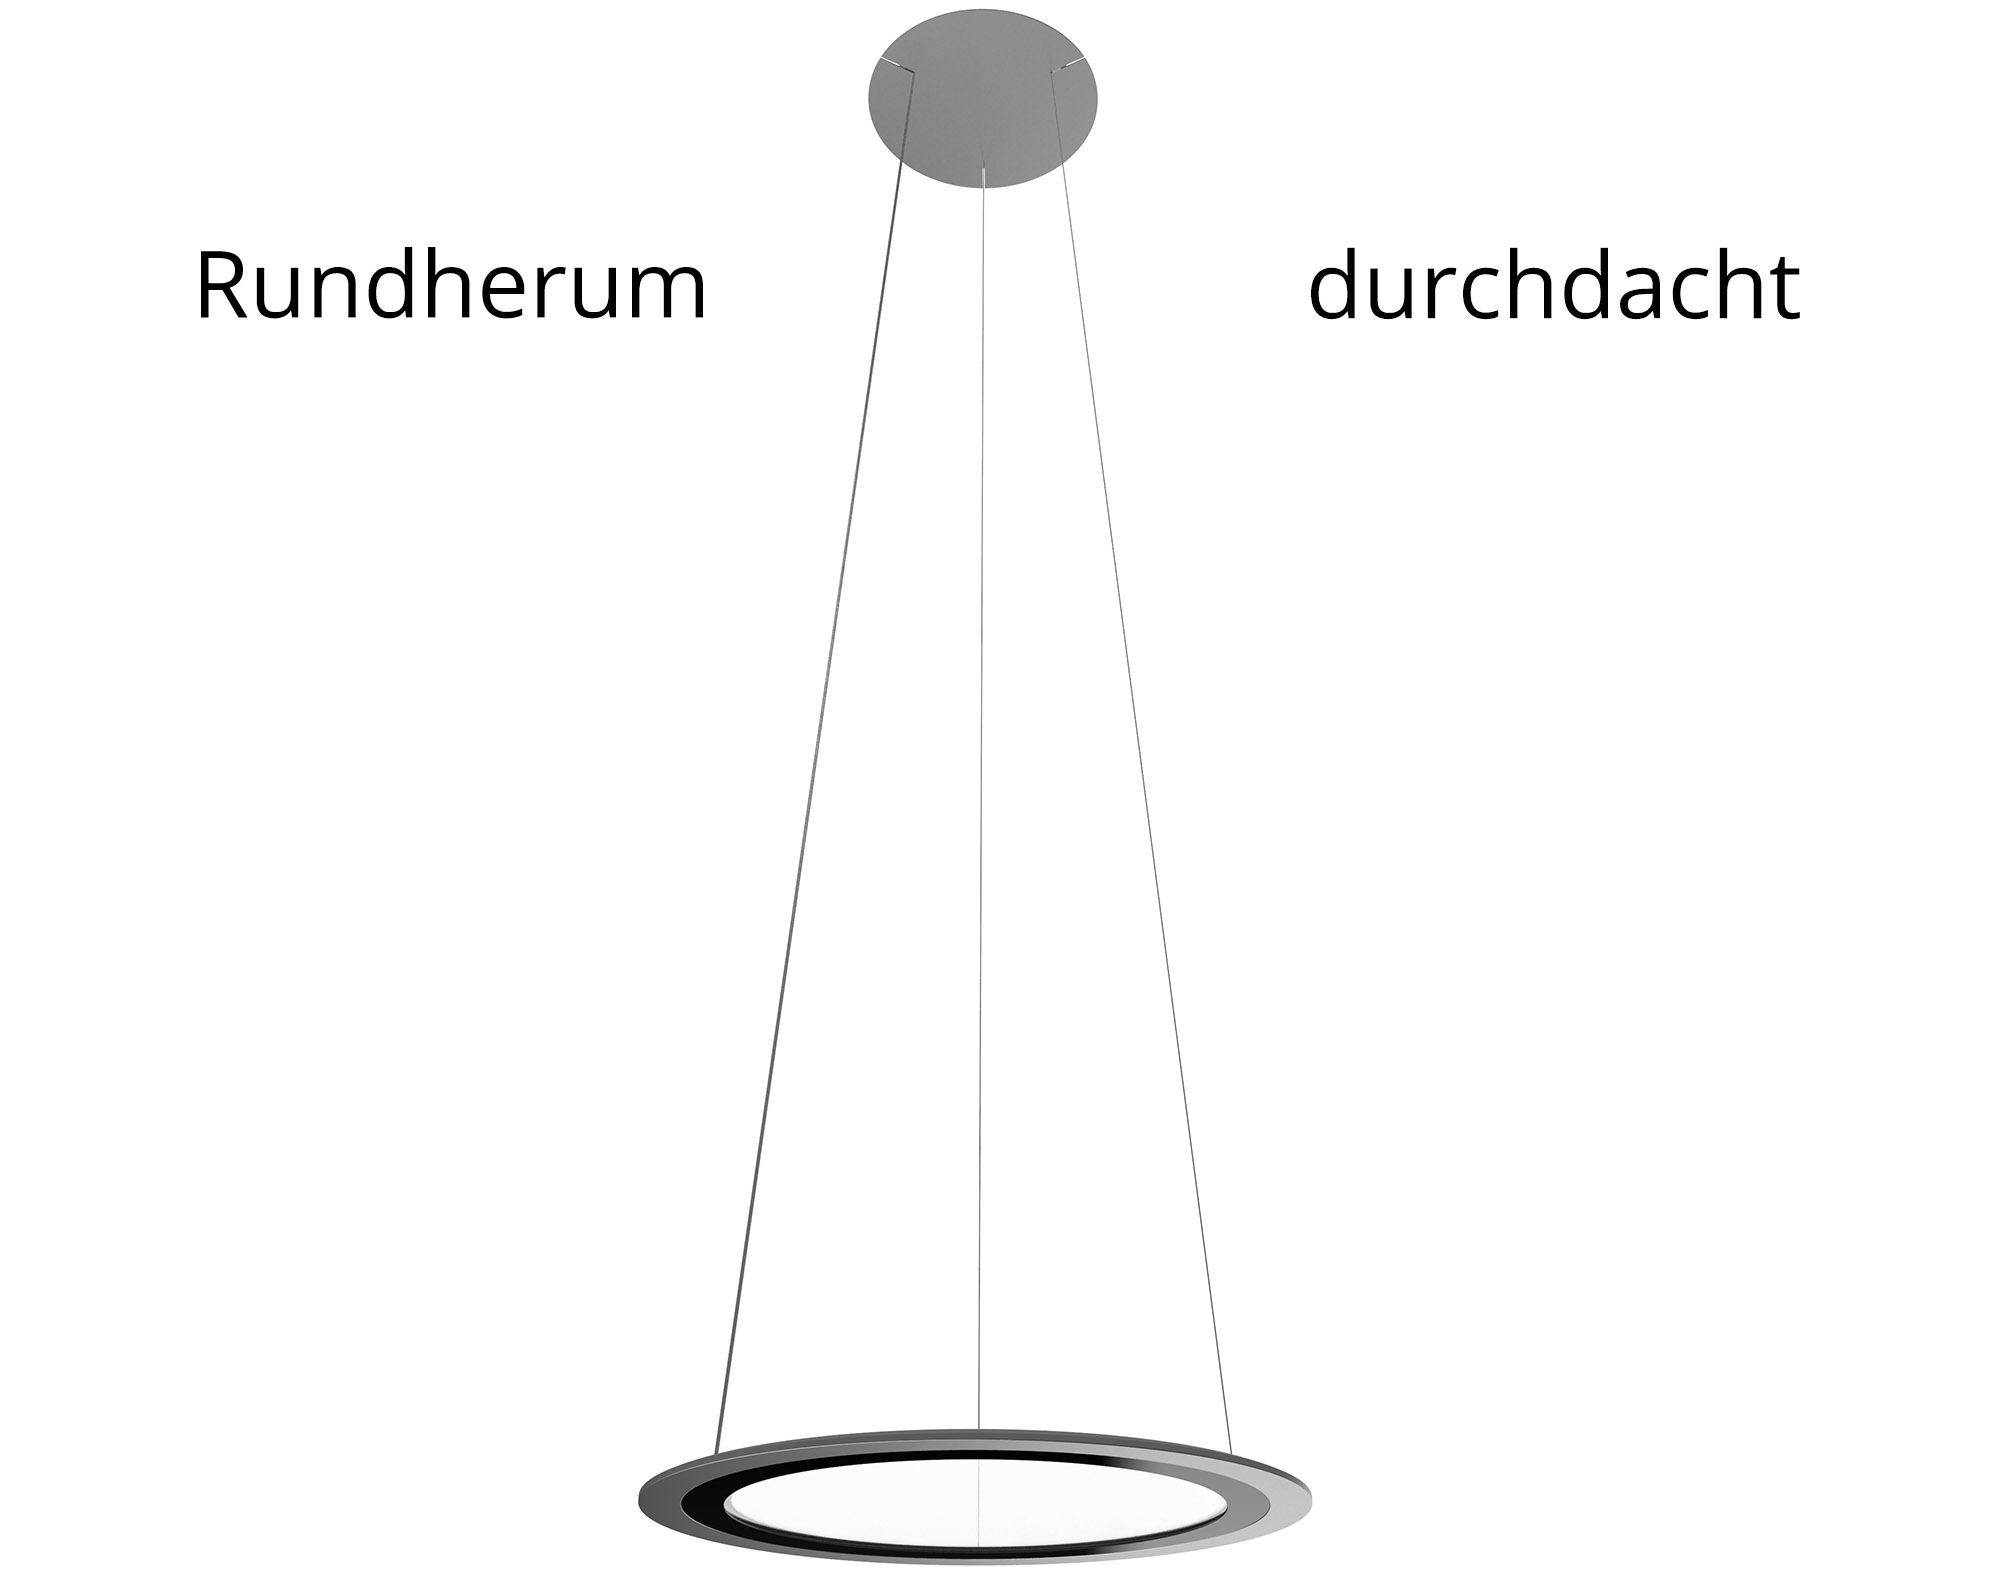 ONYXX Circular - Runde Pendelleuchte - Rundherum durchdacht